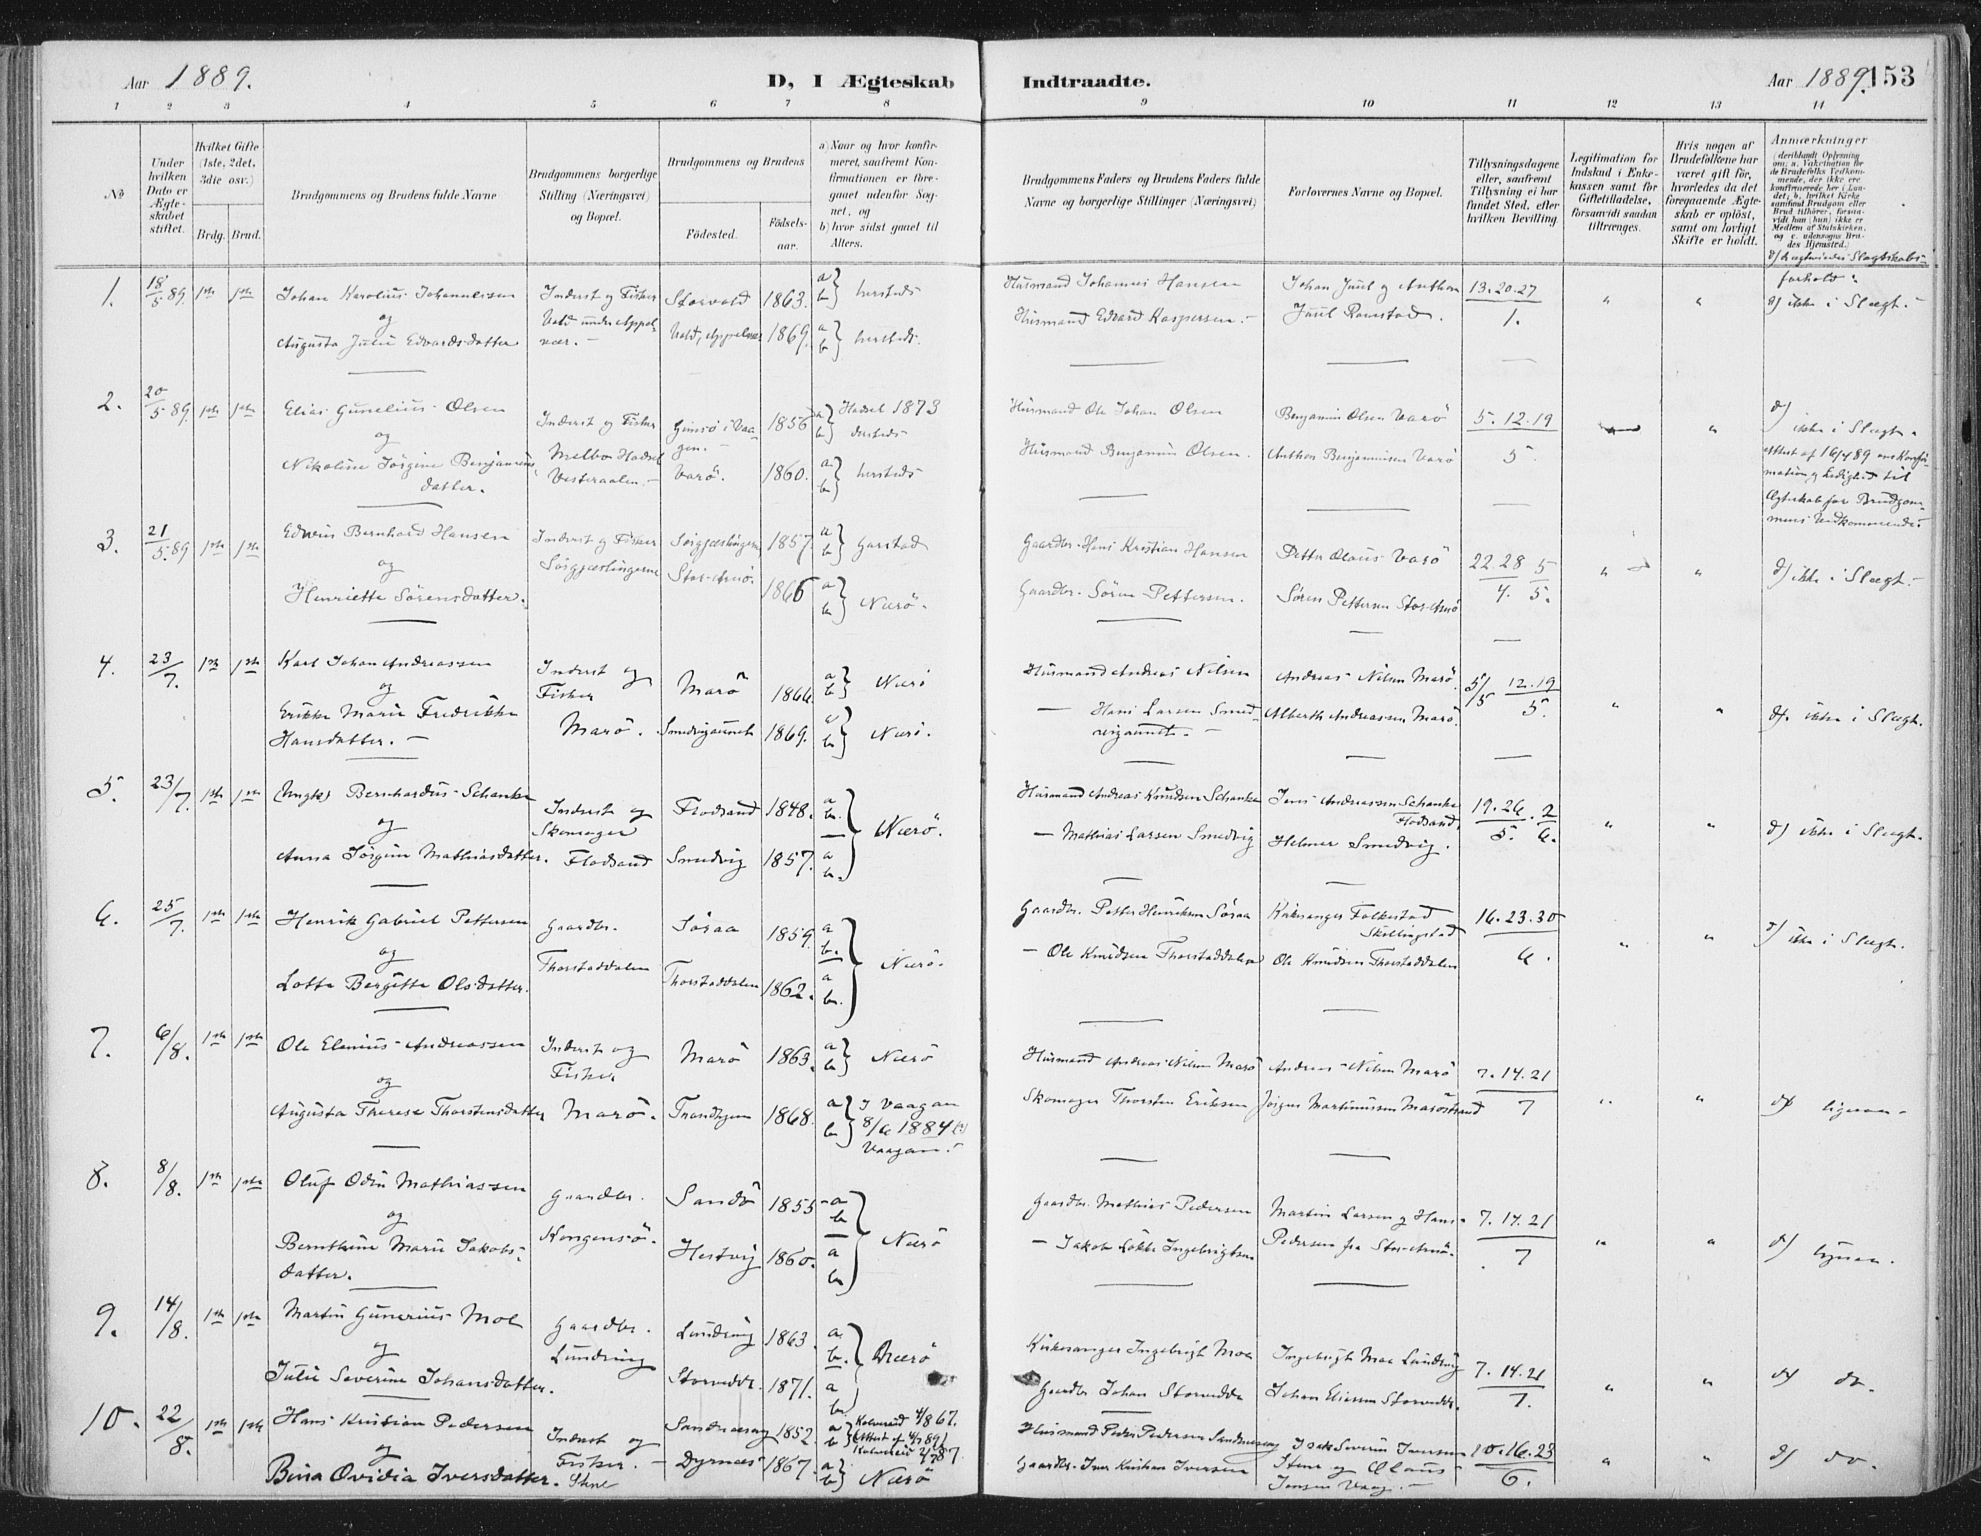 SAT, Ministerialprotokoller, klokkerbøker og fødselsregistre - Nord-Trøndelag, 784/L0673: Ministerialbok nr. 784A08, 1888-1899, s. 153